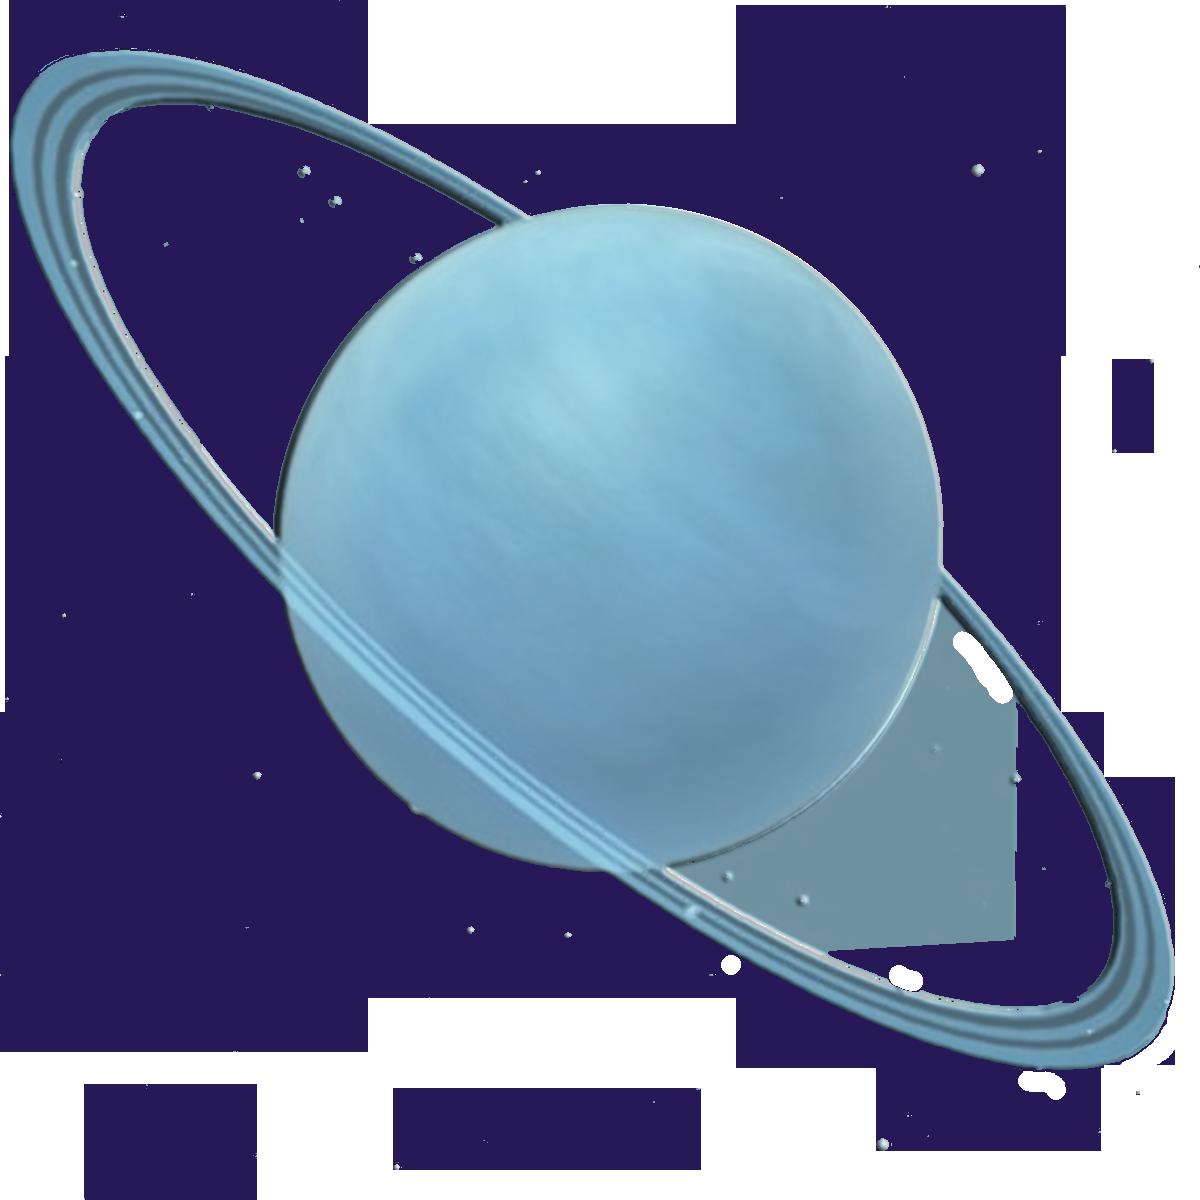 Marbles clipart planet neptune. Uranus png planets kittysol